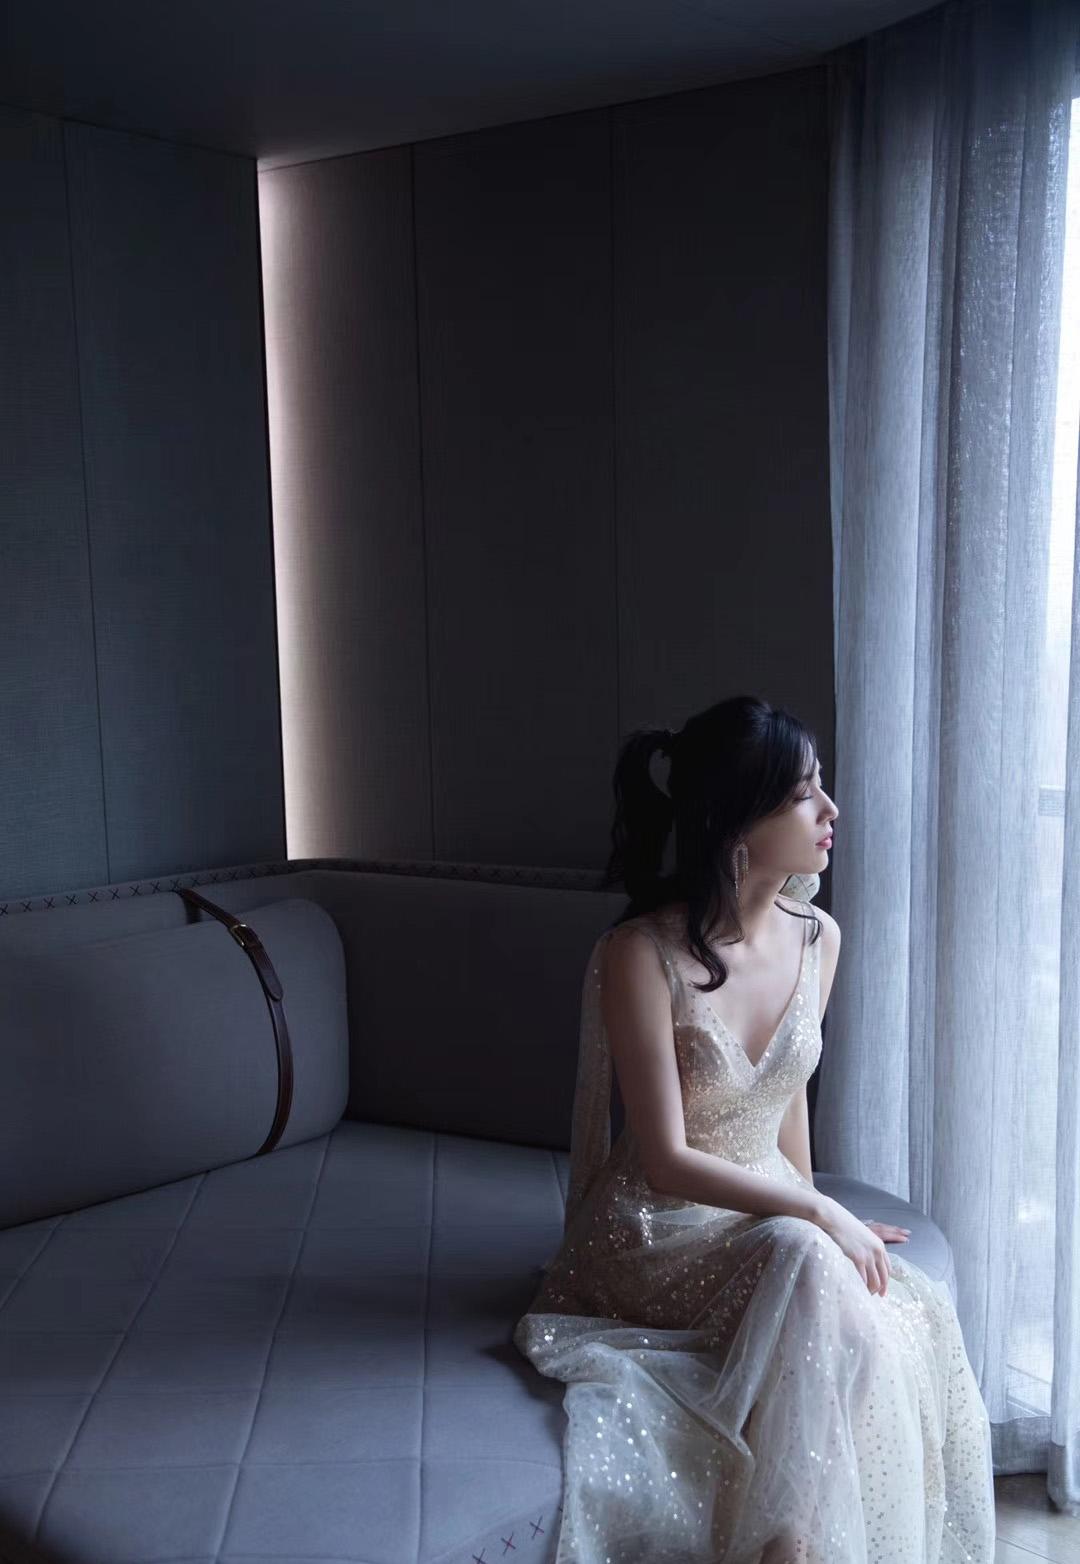 <b>黄圣依扎马尾造型亮相,一袭金色V领亮片裙清爽甜美,皮肤白皙满满的少女感</b>